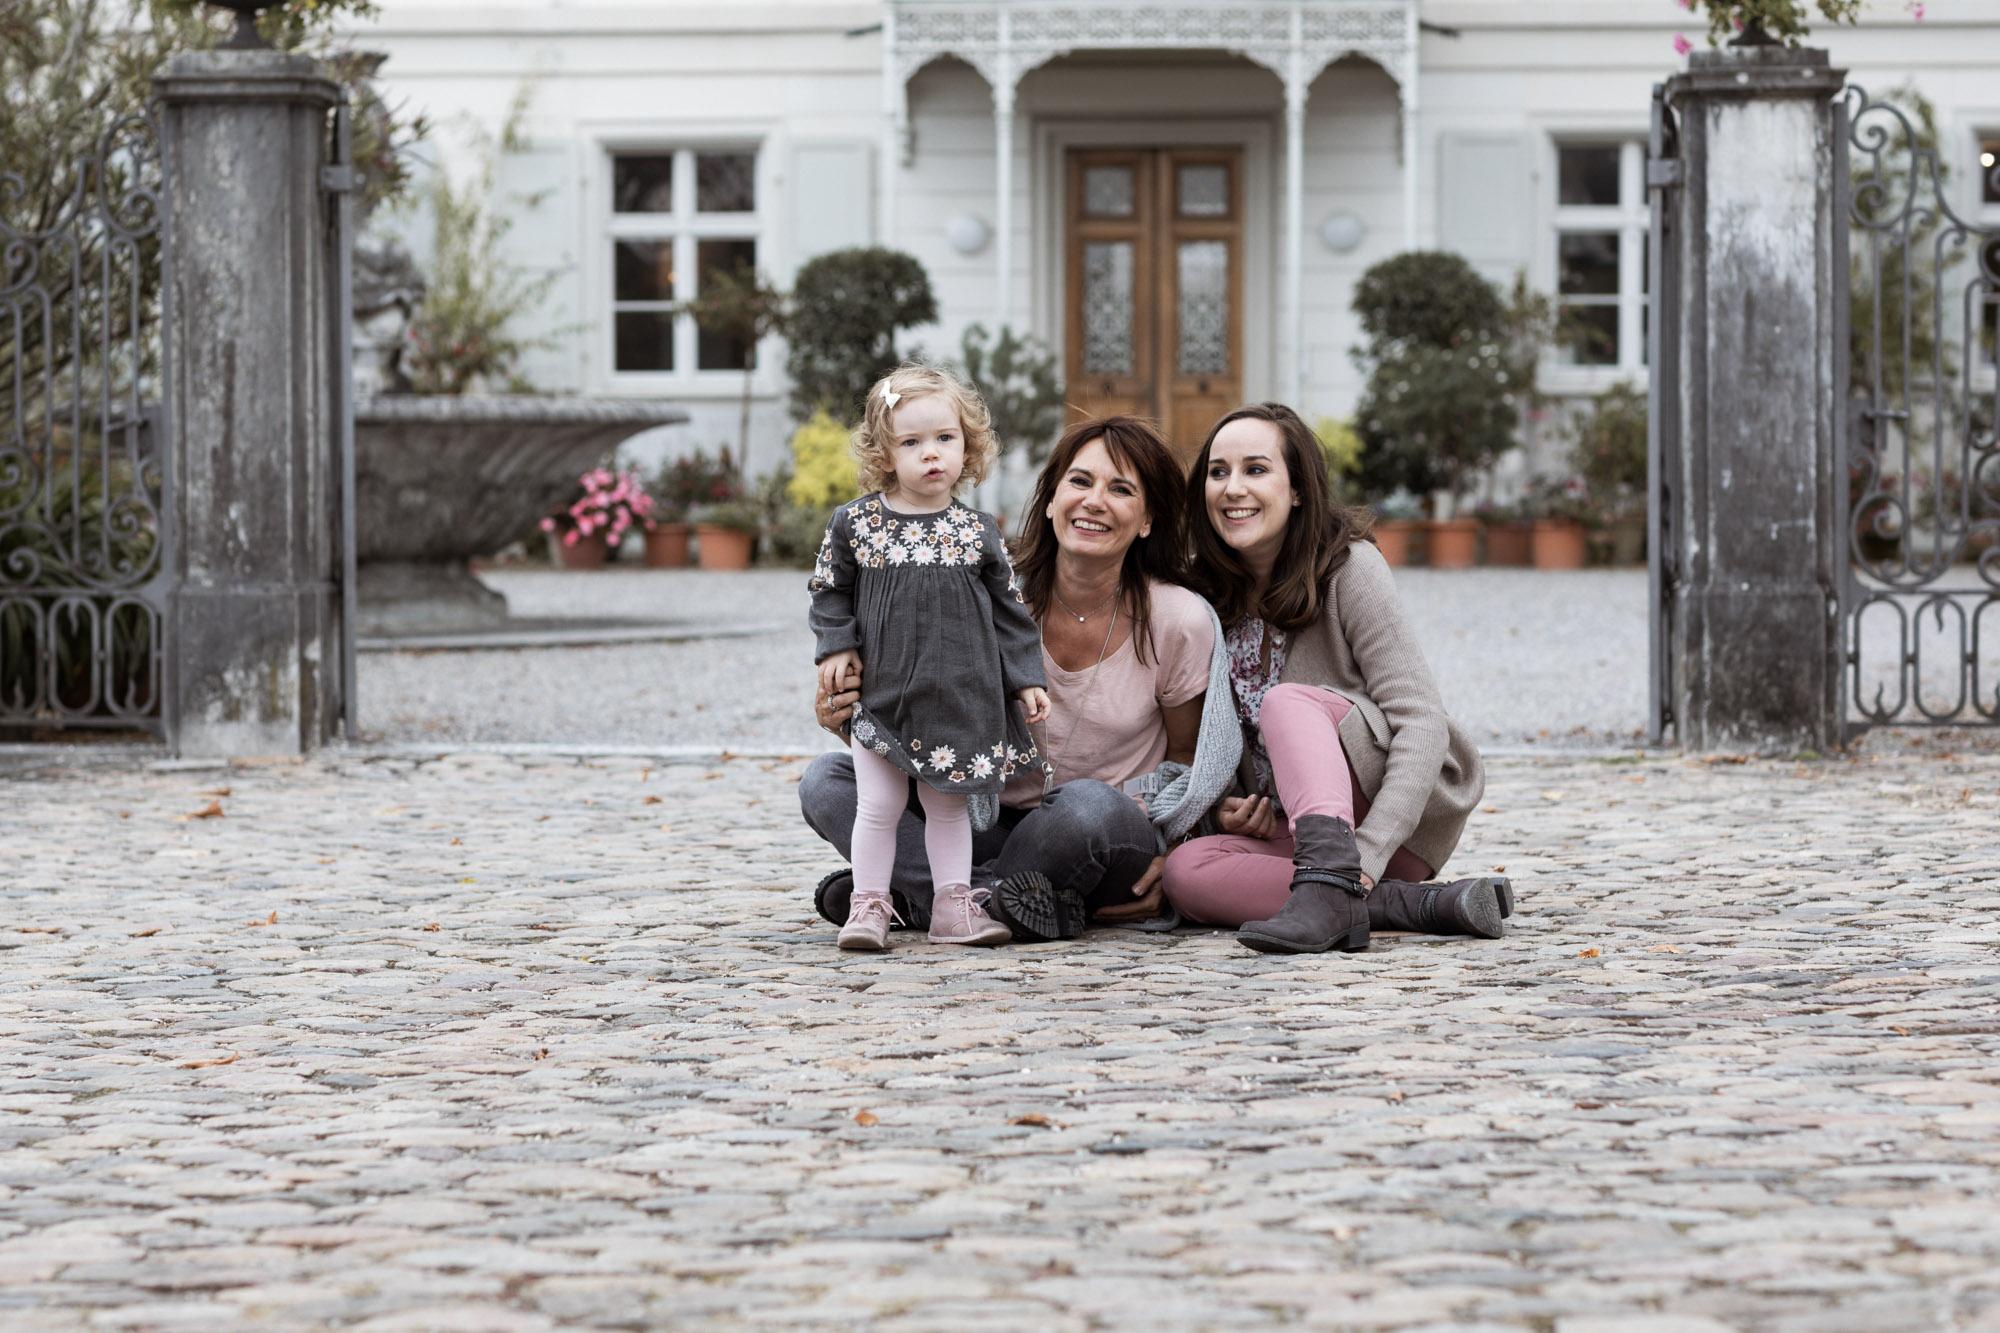 Die Oma mit der Tochter und dem Enkelkind beim Fotoshooting - Gross Familien Fotoshooting in Basel